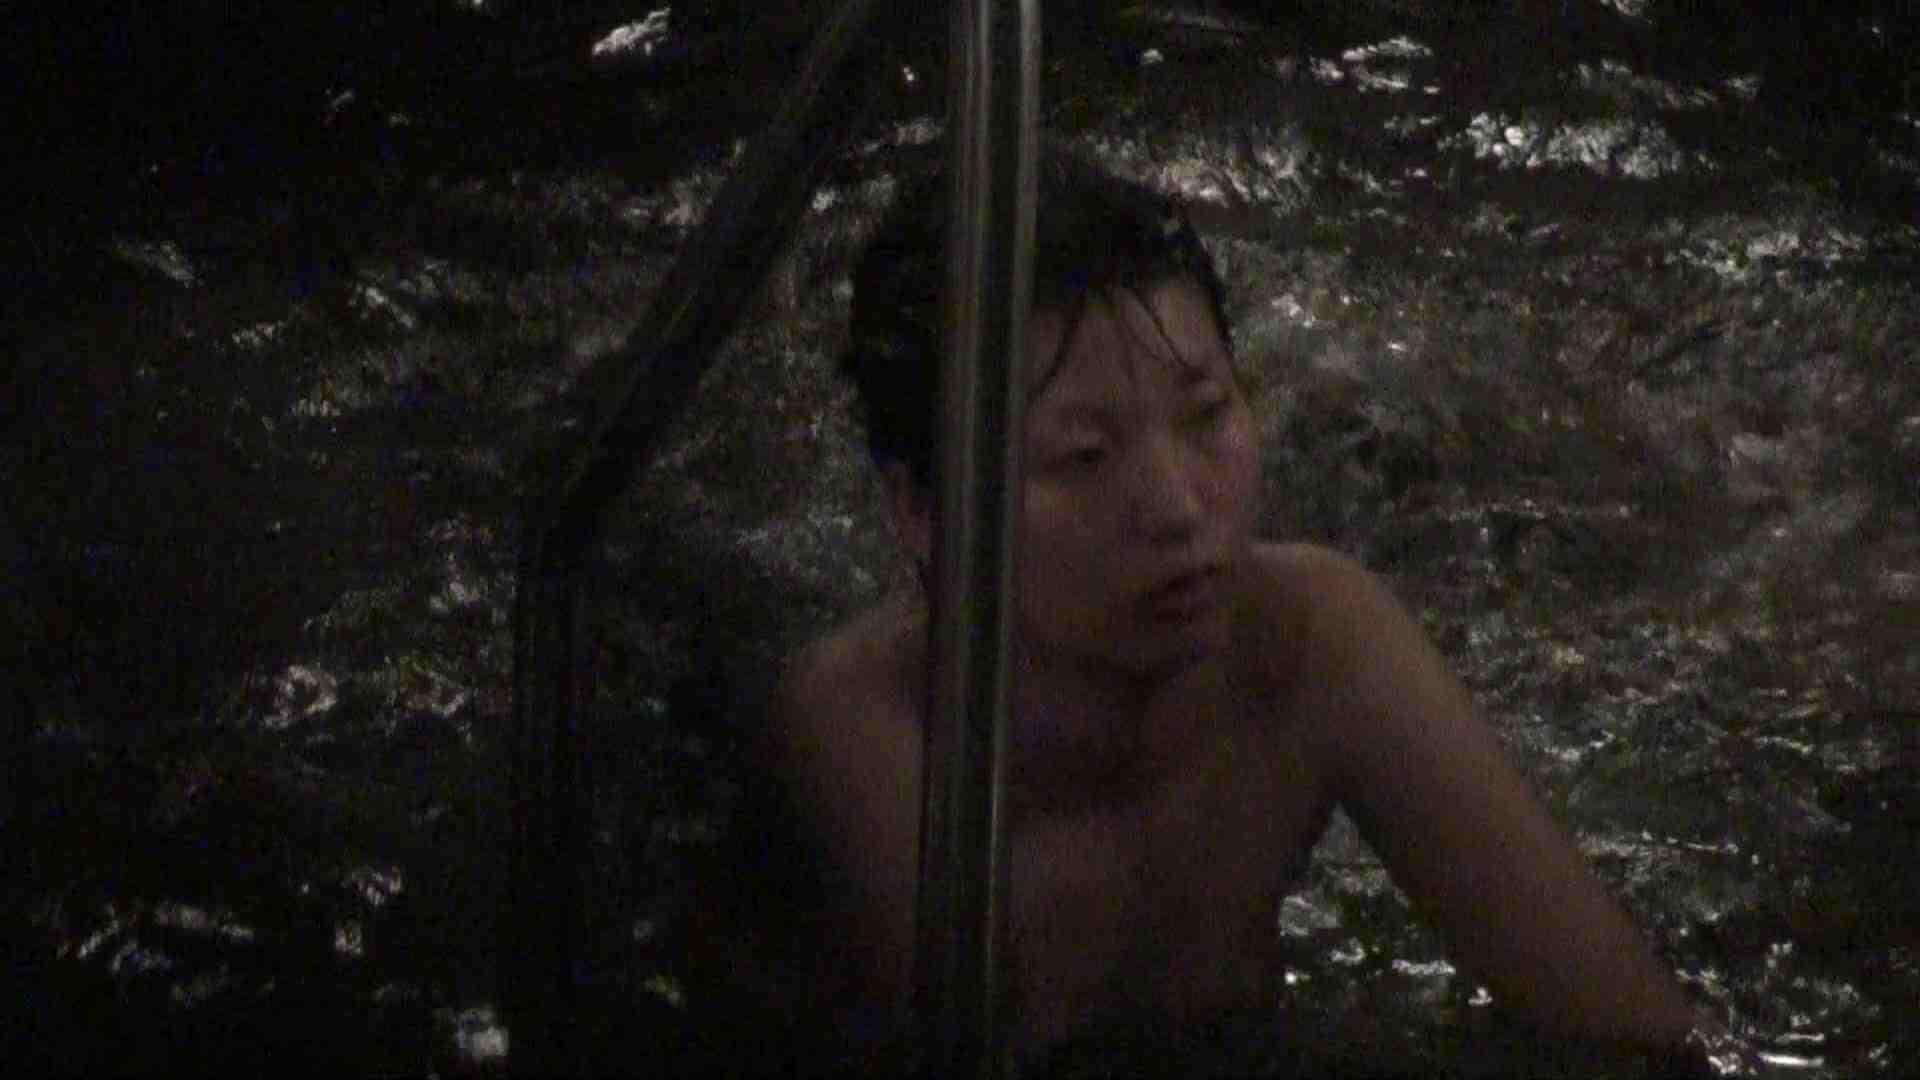 Aquaな露天風呂Vol.379 盗撮 | 綺麗なOLたち  52枚 31